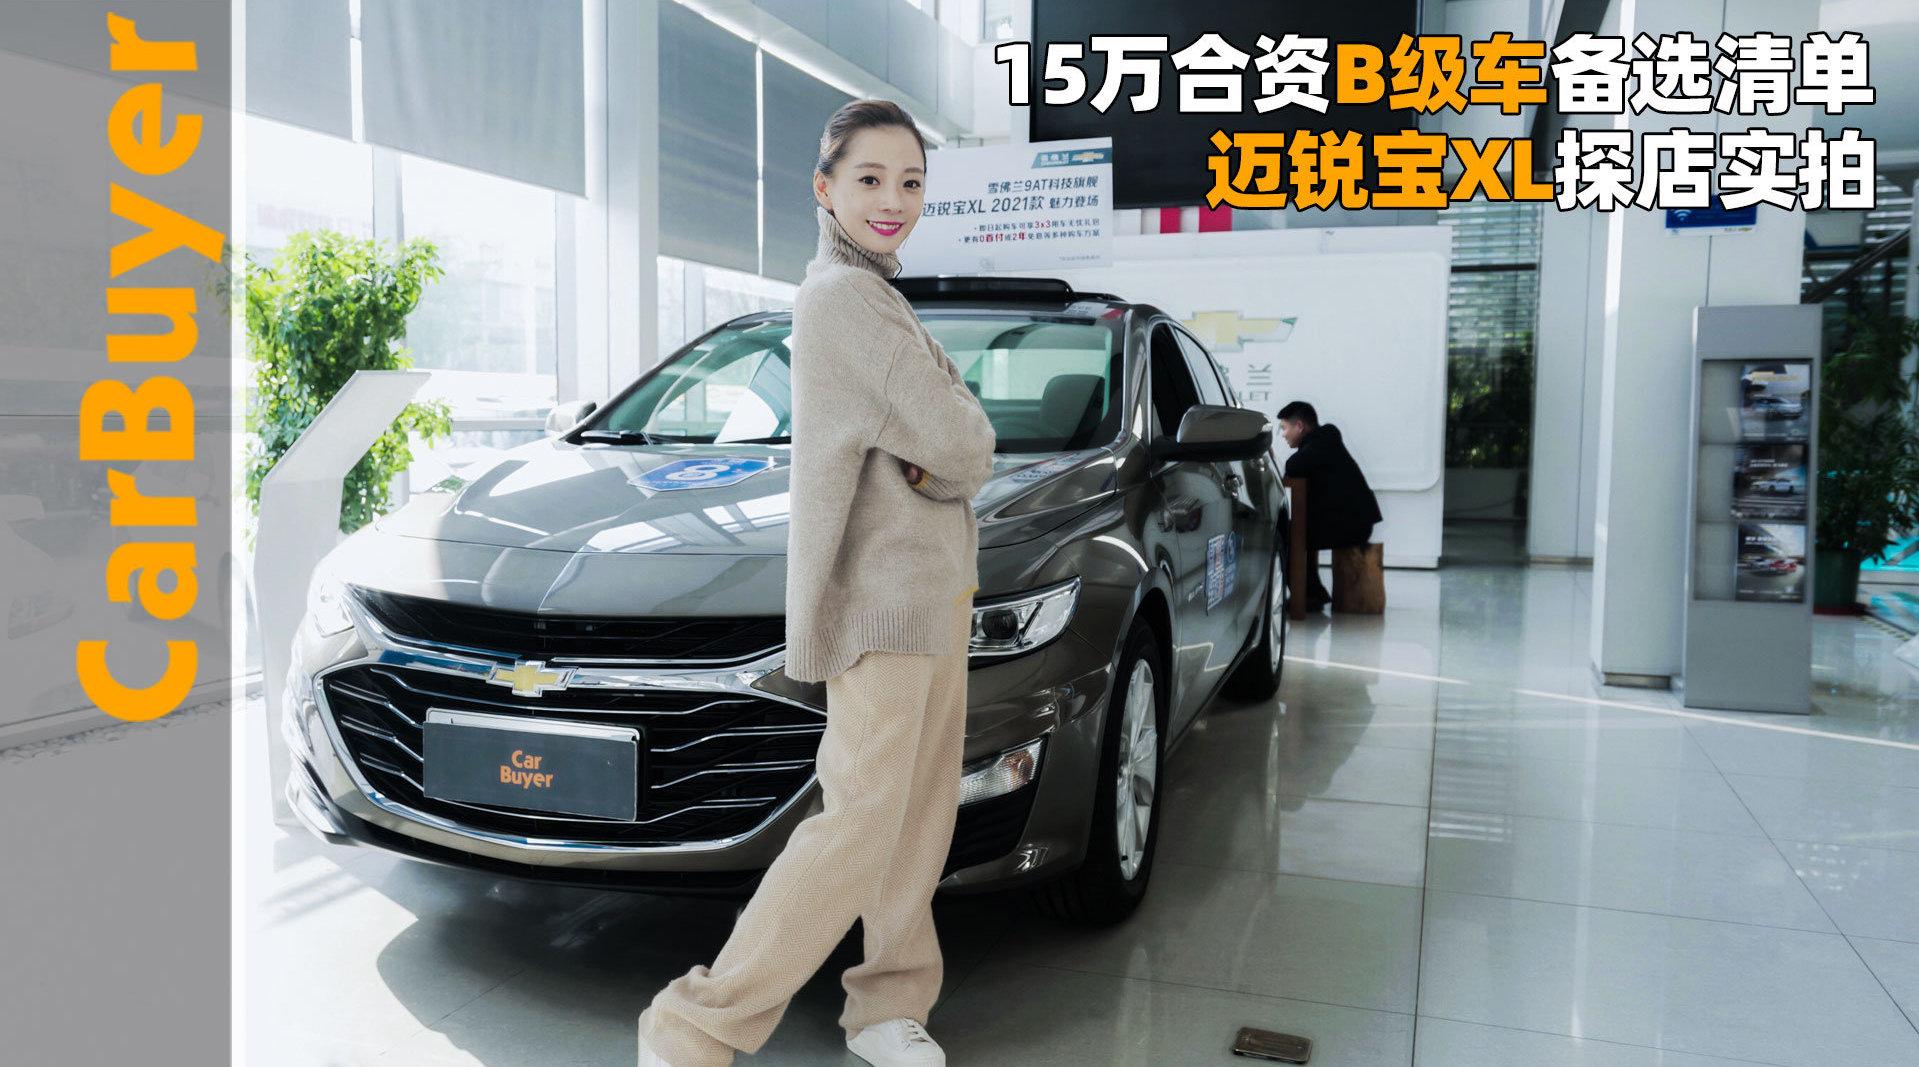 视频:15万合资B级车备选清单,迈锐宝XL探店实拍